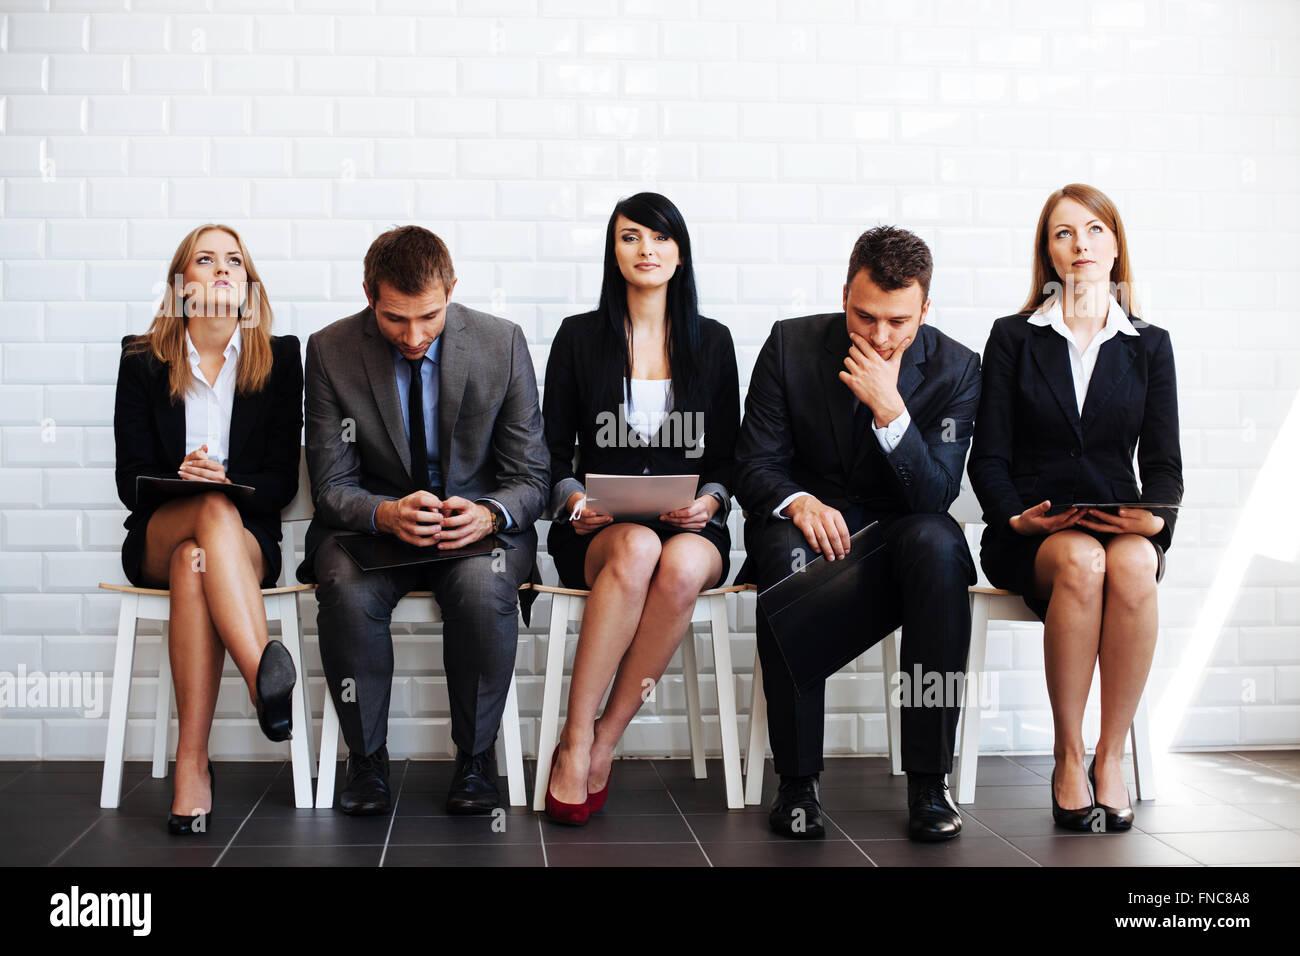 Destacando multitud, seguros de mujer de negocios esperando para una entrevista de trabajo Imagen De Stock